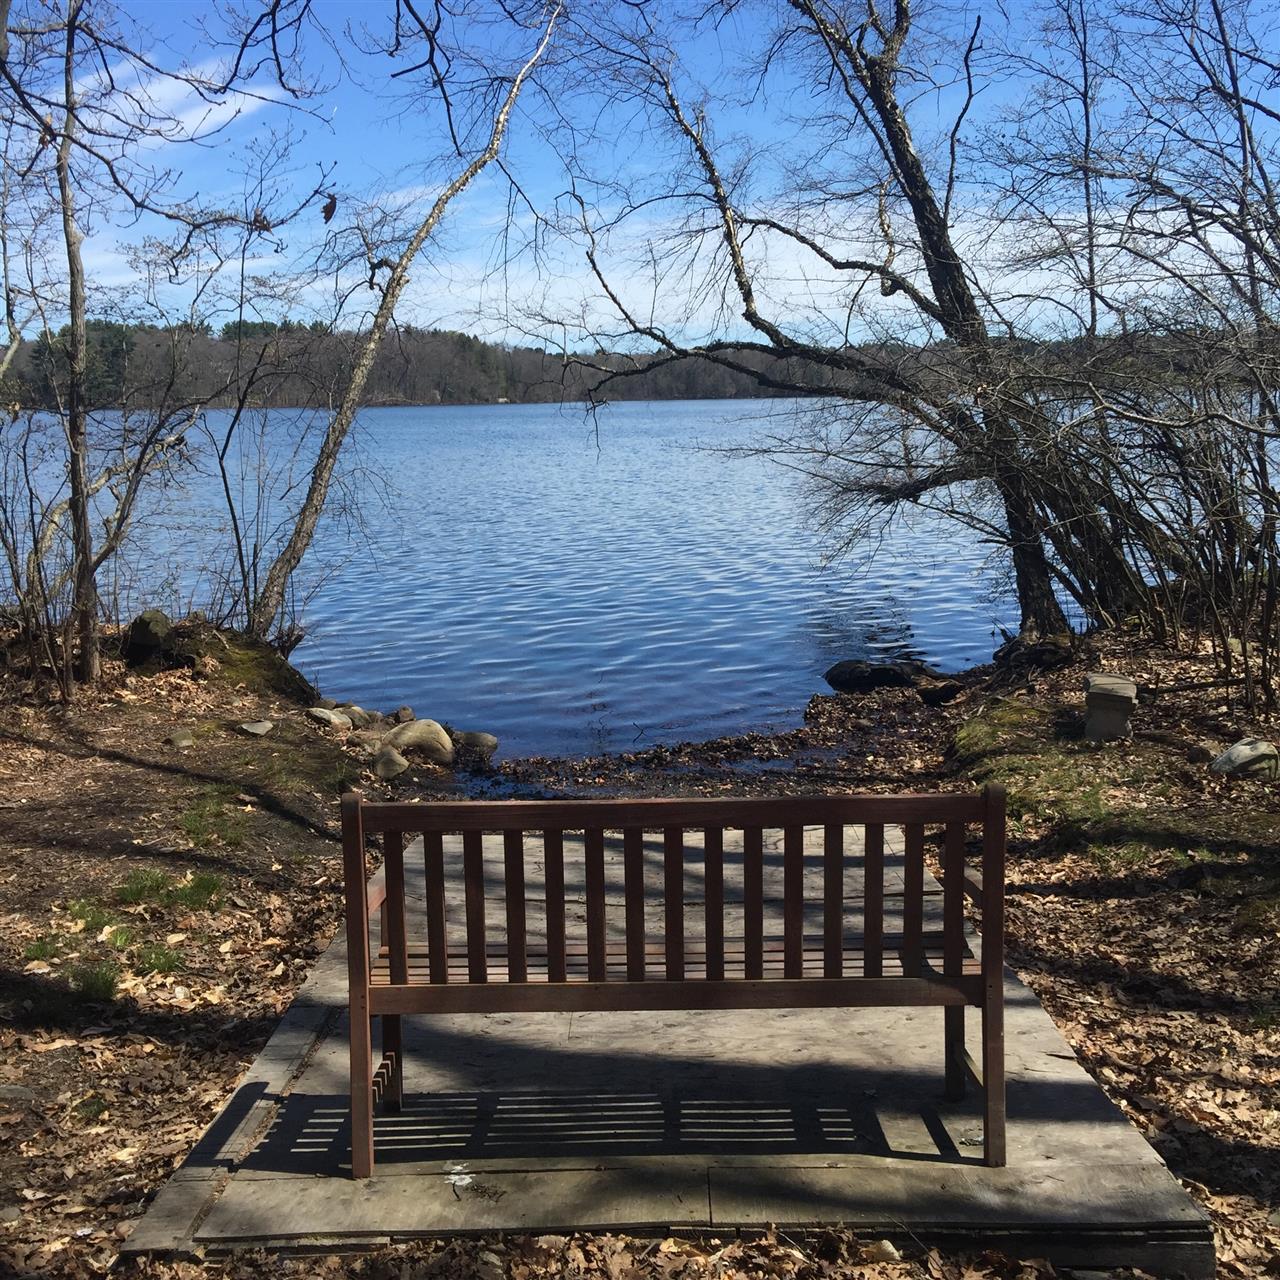 Lake Cochichewick,- North Andover, MA